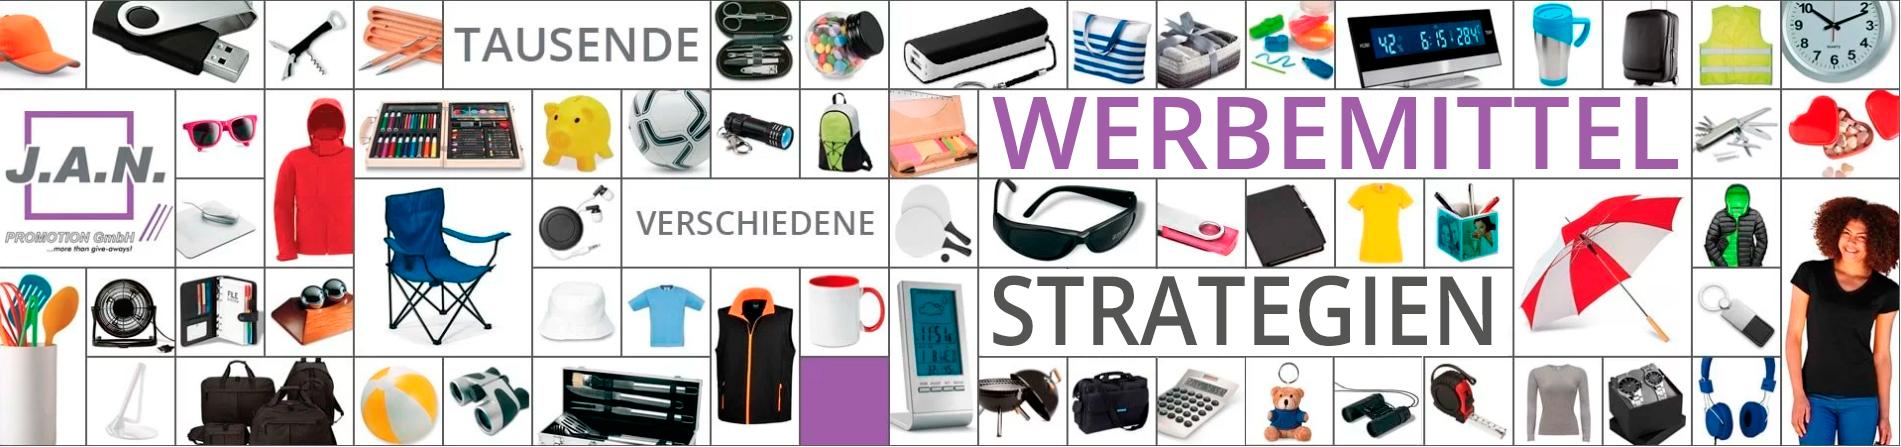 werbemittel-strategie-orig